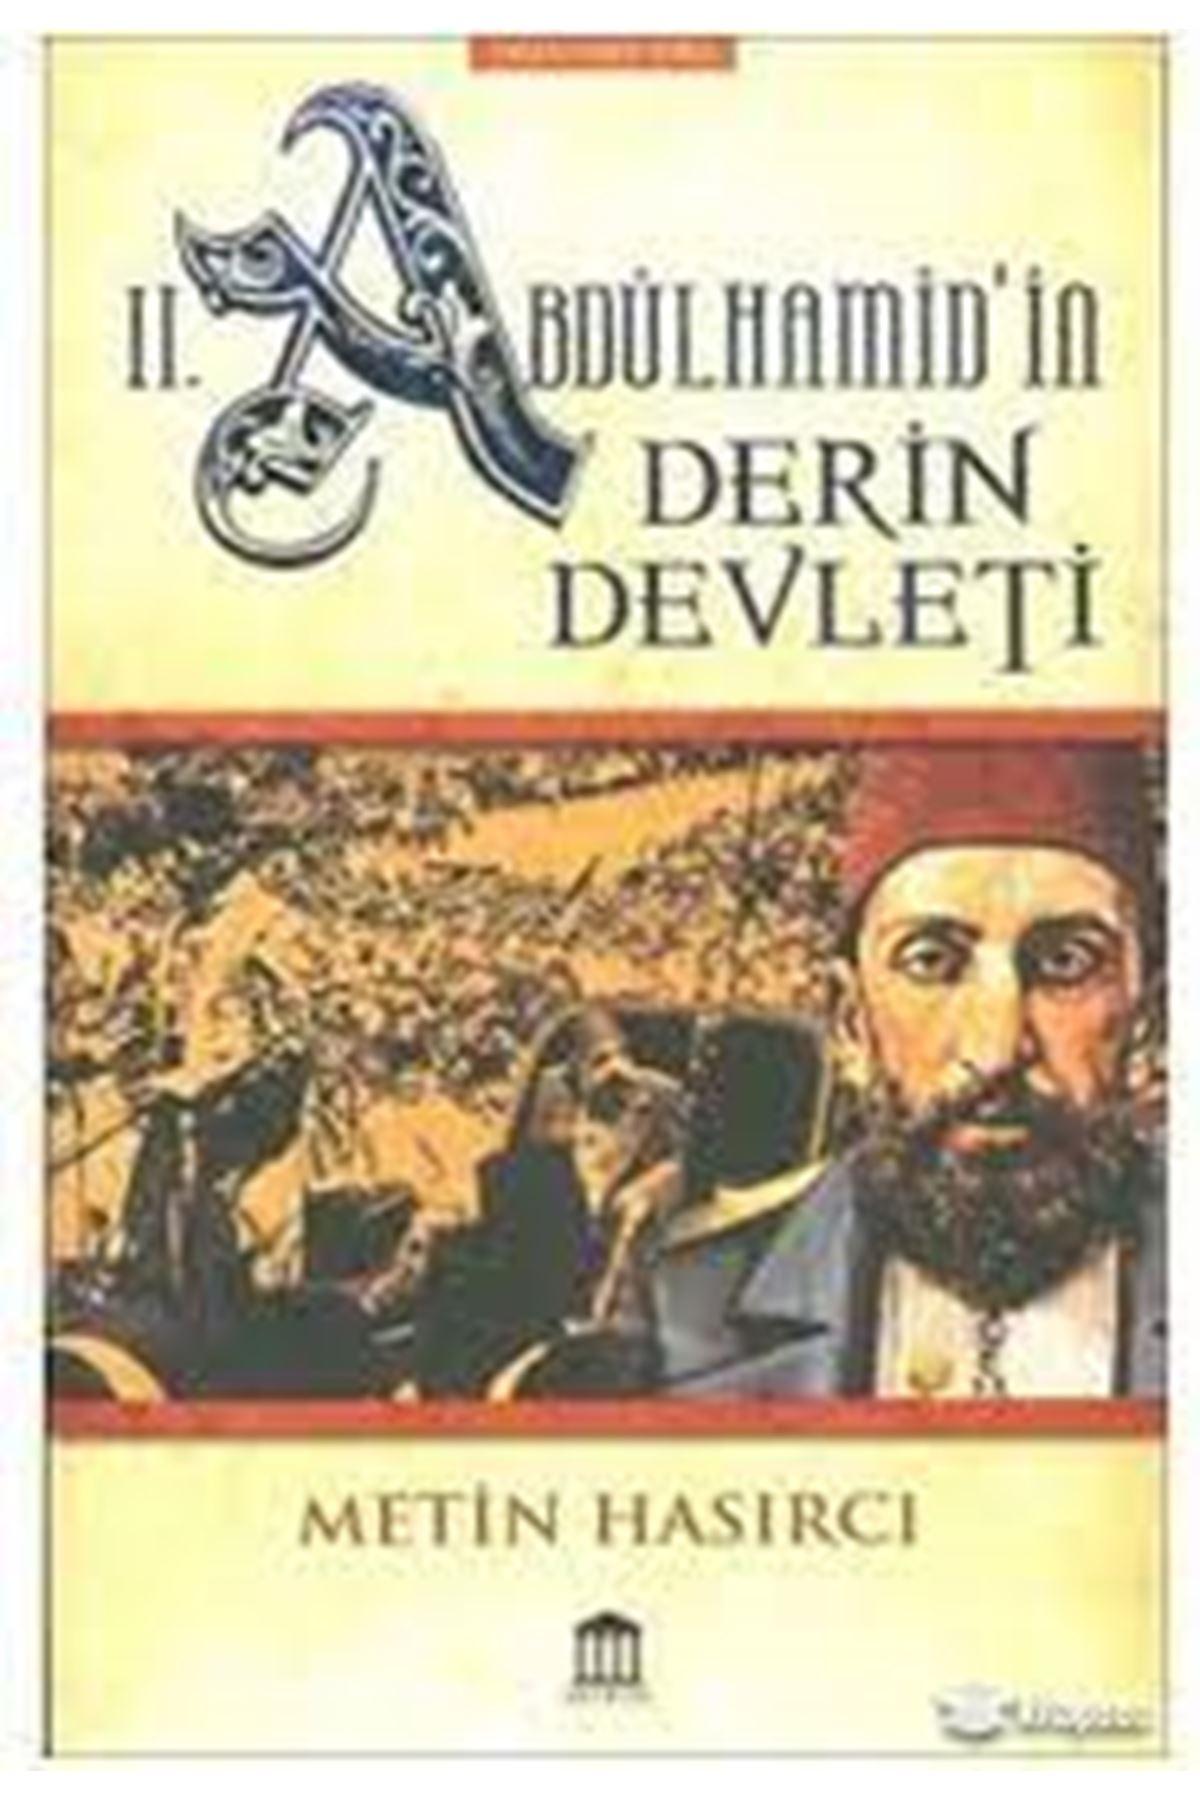 METİN HASIRCI - 2. ABDÜLHAMİD'İN DERİN DEVLETİ